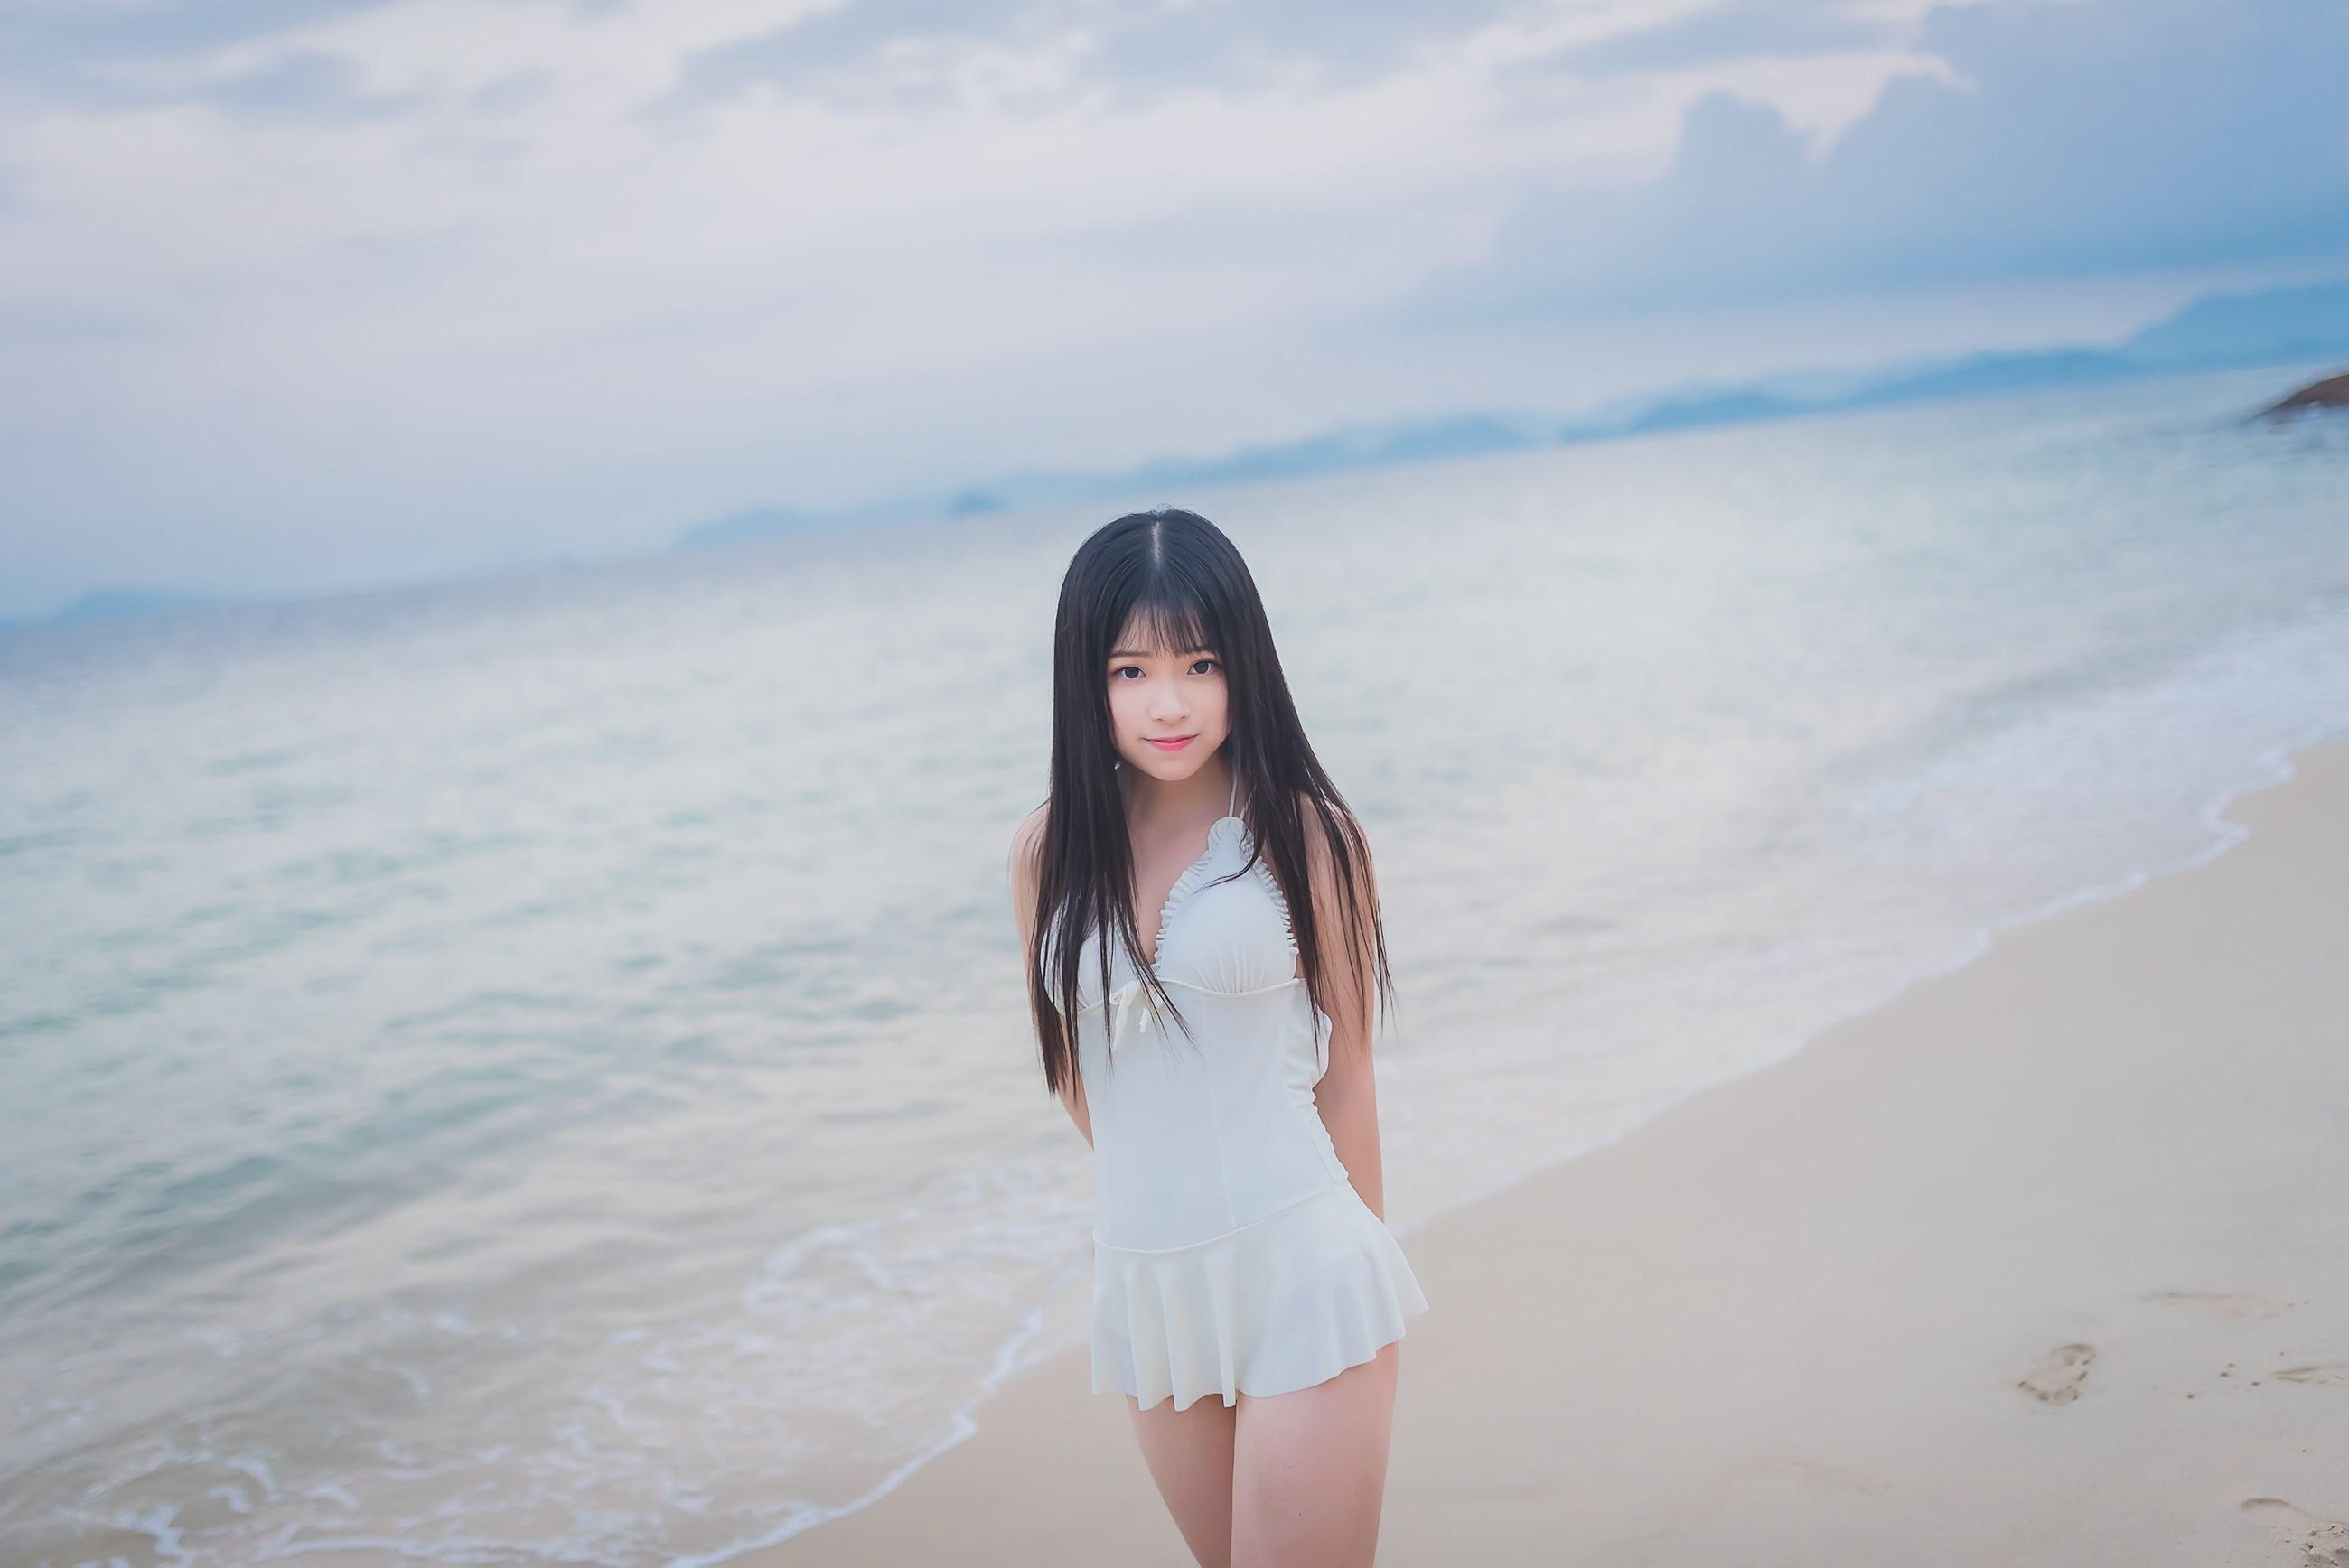 【兔玩映画】纯白的泳衣 兔玩映画 第24张